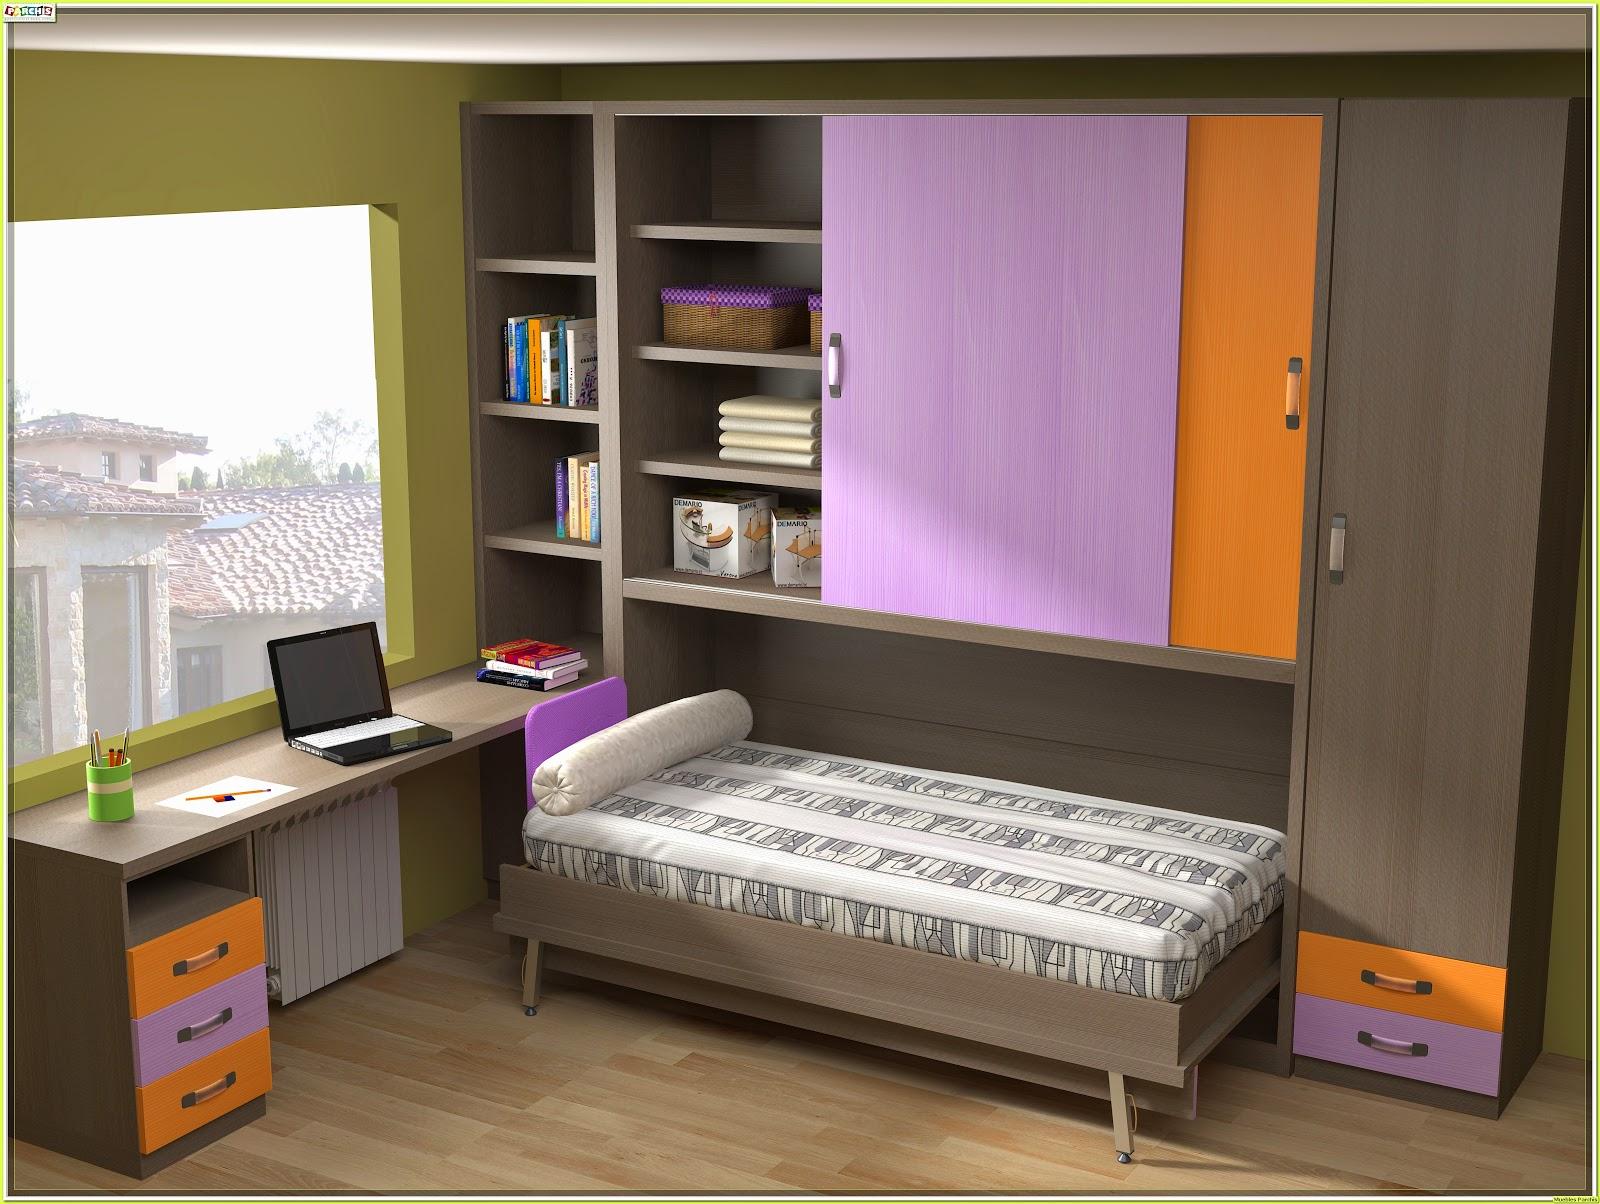 Cama mesa abatible camas autoportantes camas abatibles - Cama empotrada en armario ...